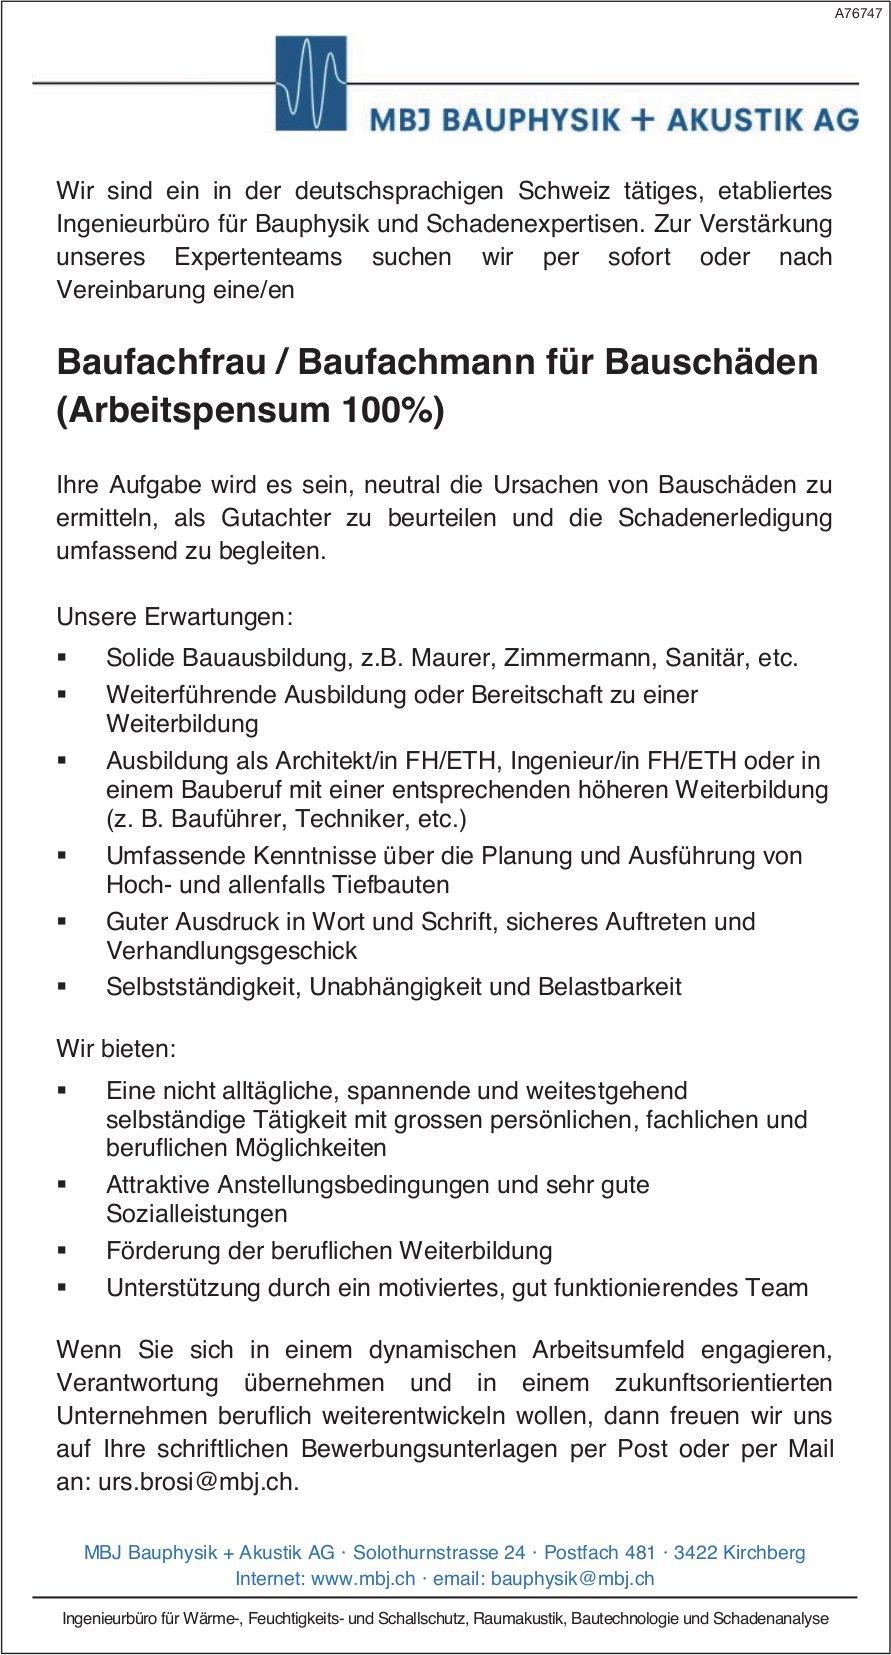 Baufachfrau / Baufachmann für Bauschäden (Arbeitspensum 100%), MBJ BAUPHYSIK + AKUSTIK AG, Kirchberg